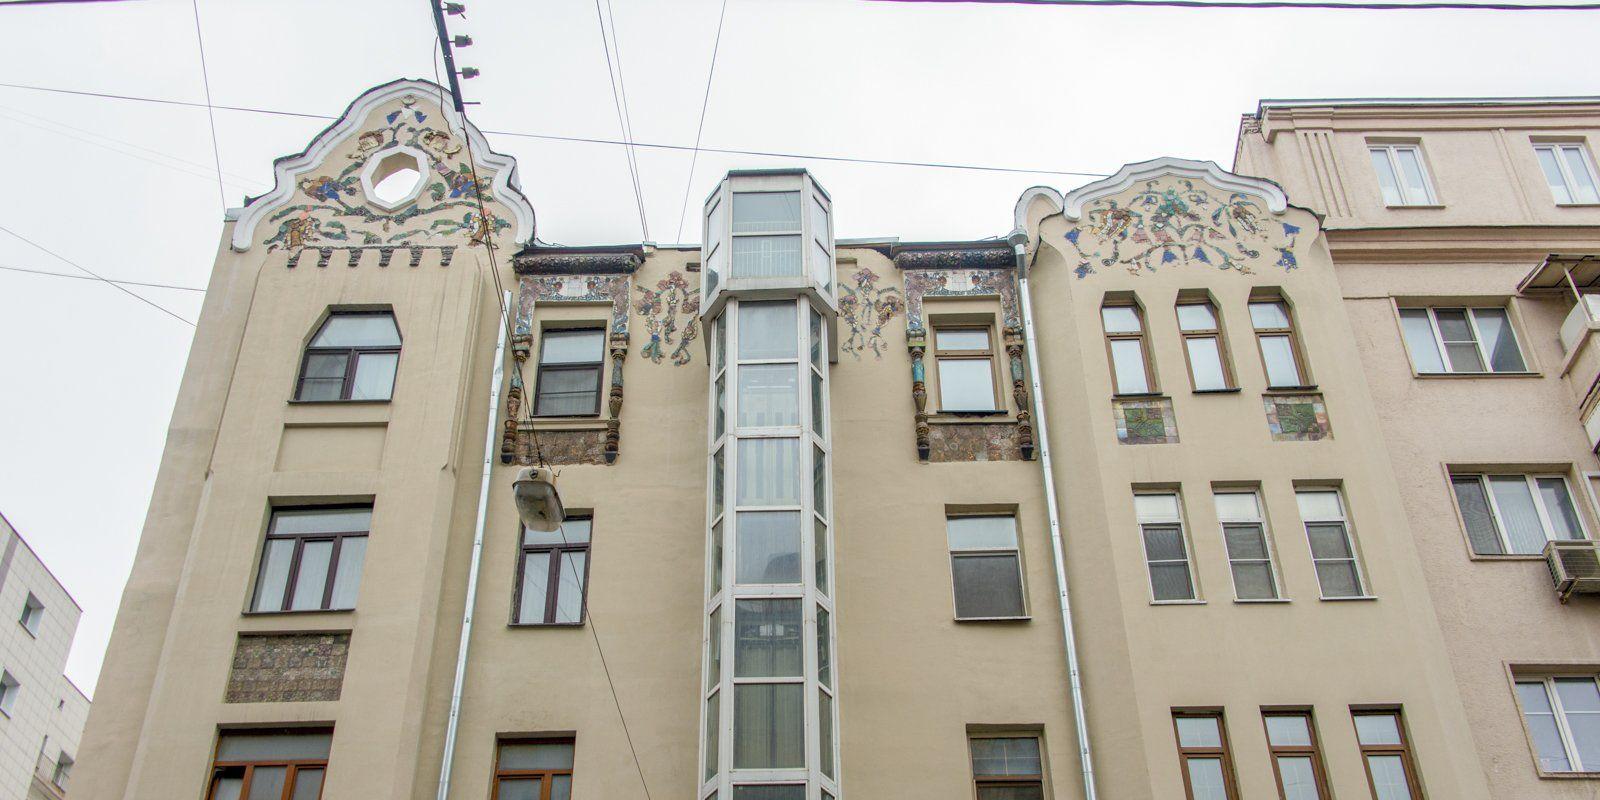 Дому с жар-птицами в Москве присвоили статус памятника архитектуры